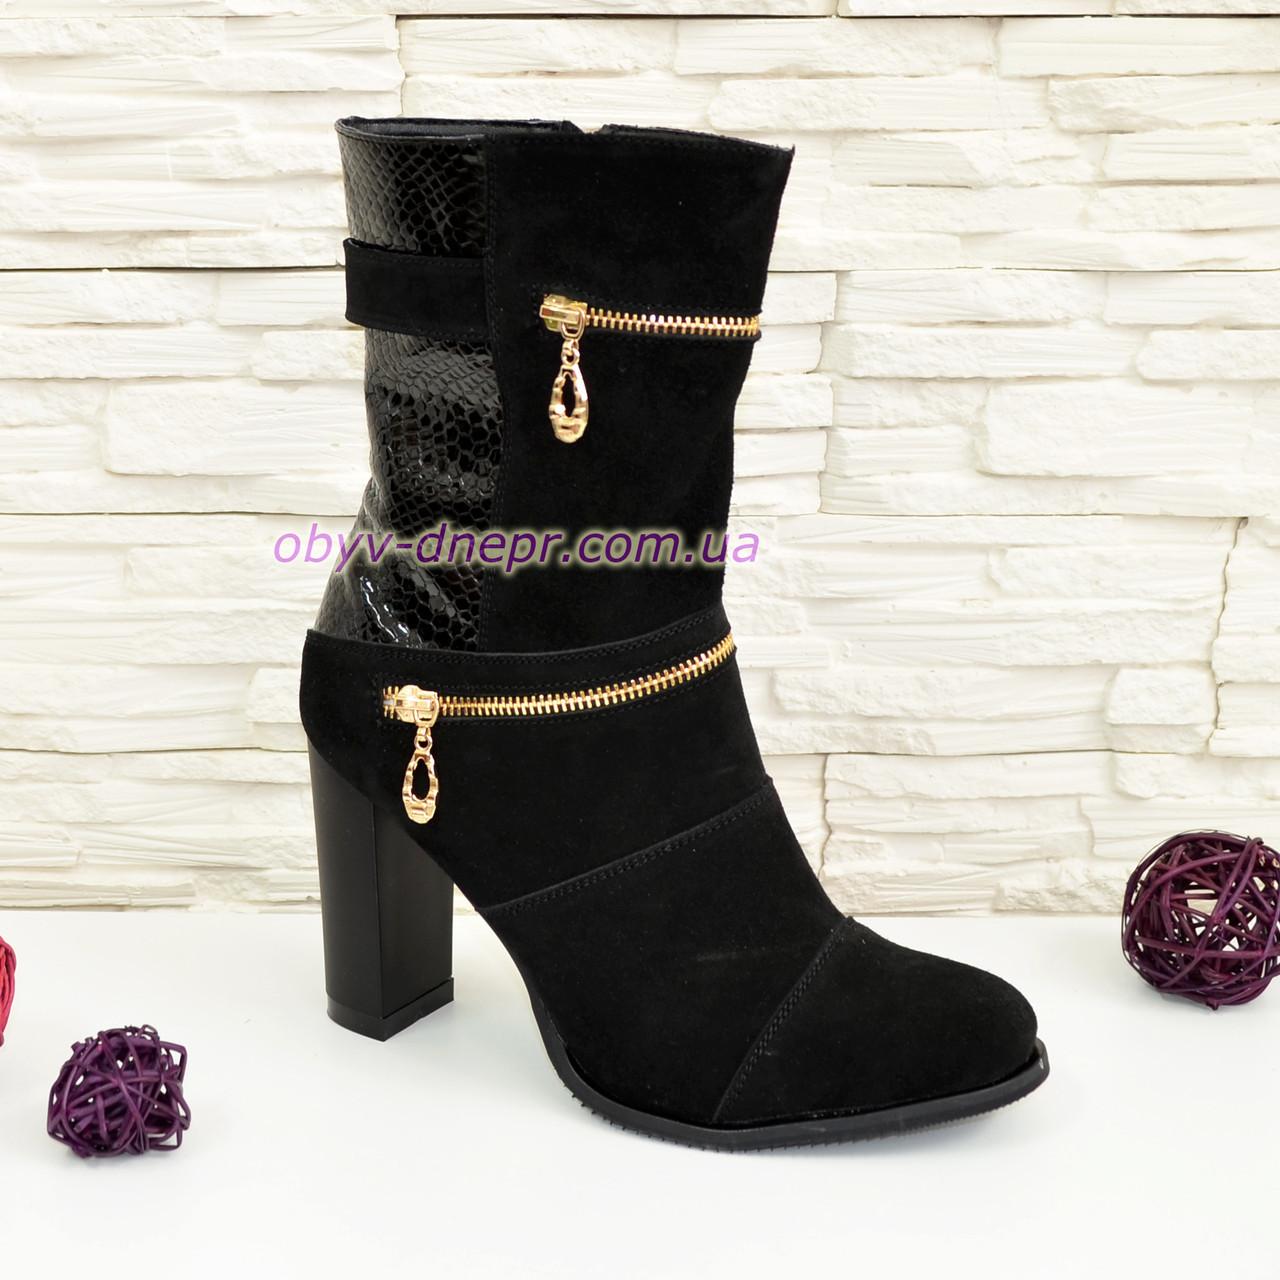 Ботинки женские демисезонные, из натуральной замши черного цвета, на устойчивом каблуке